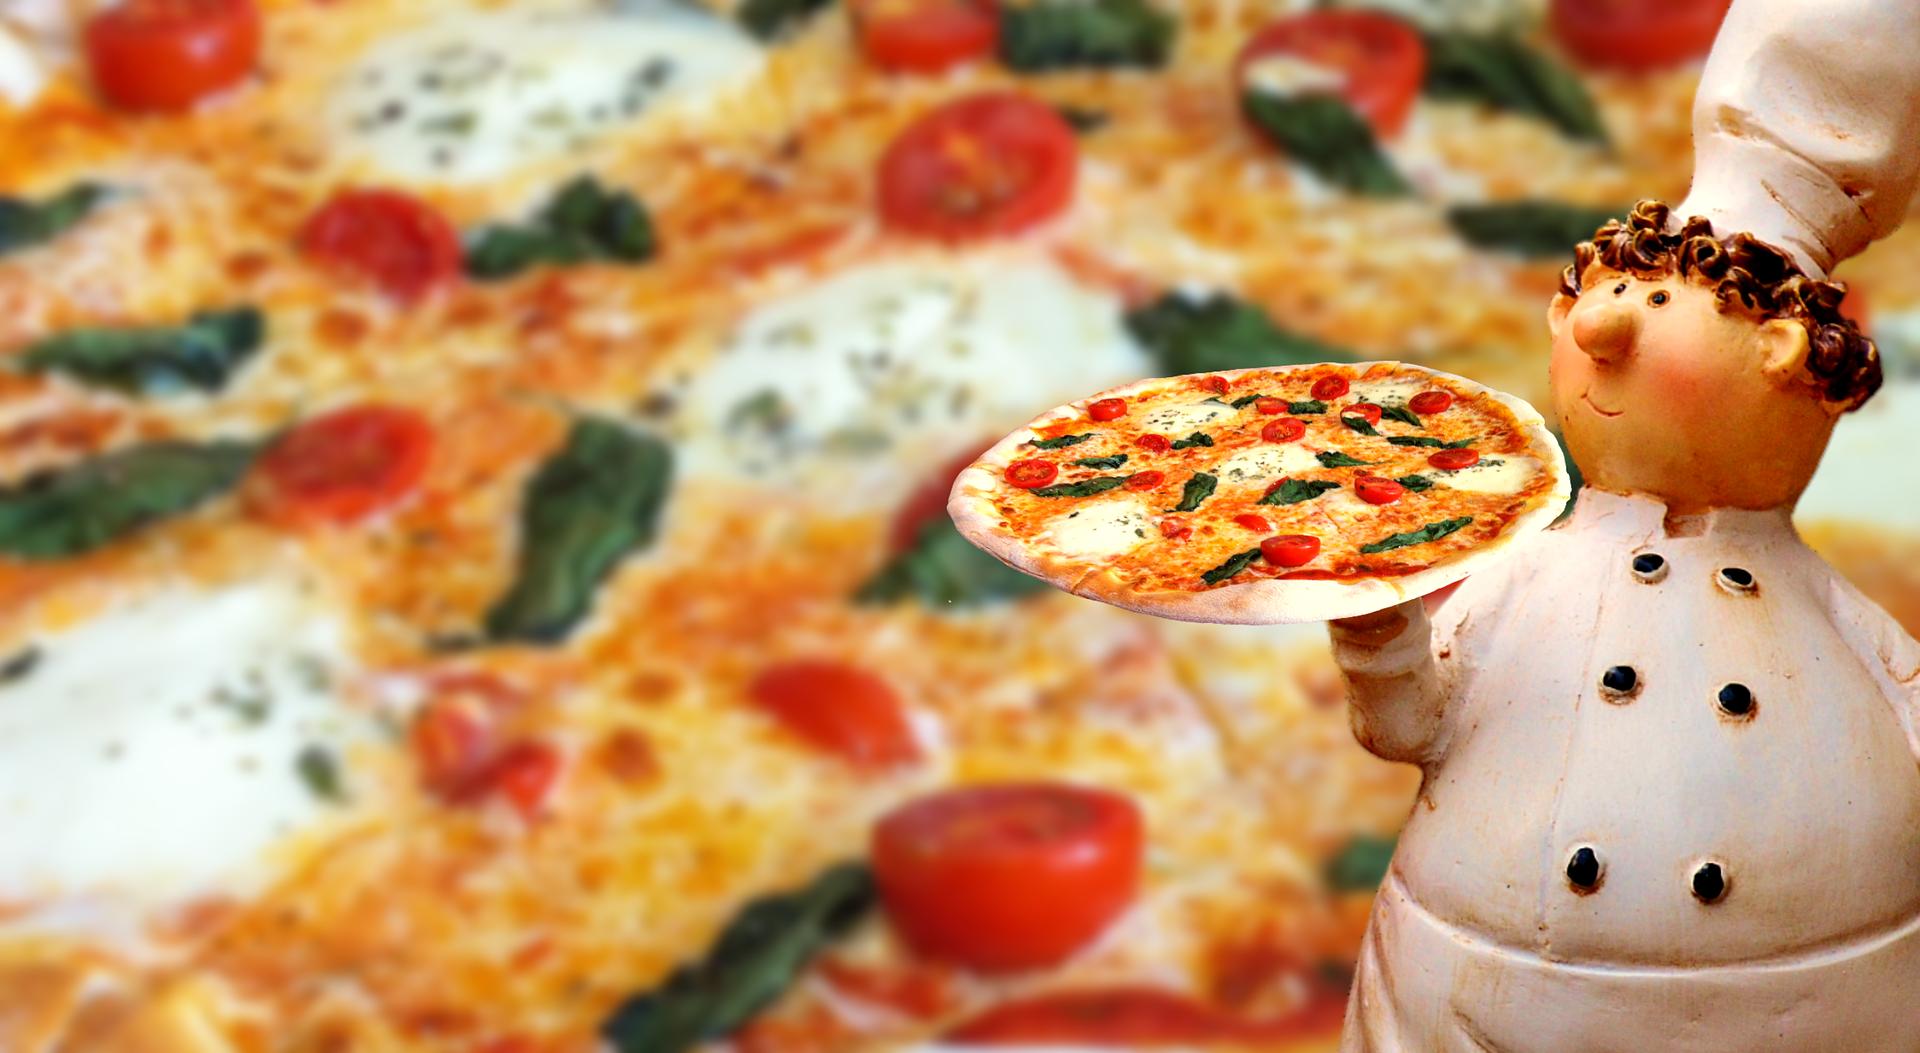 Willkommen in der Alanya Pizzeria!